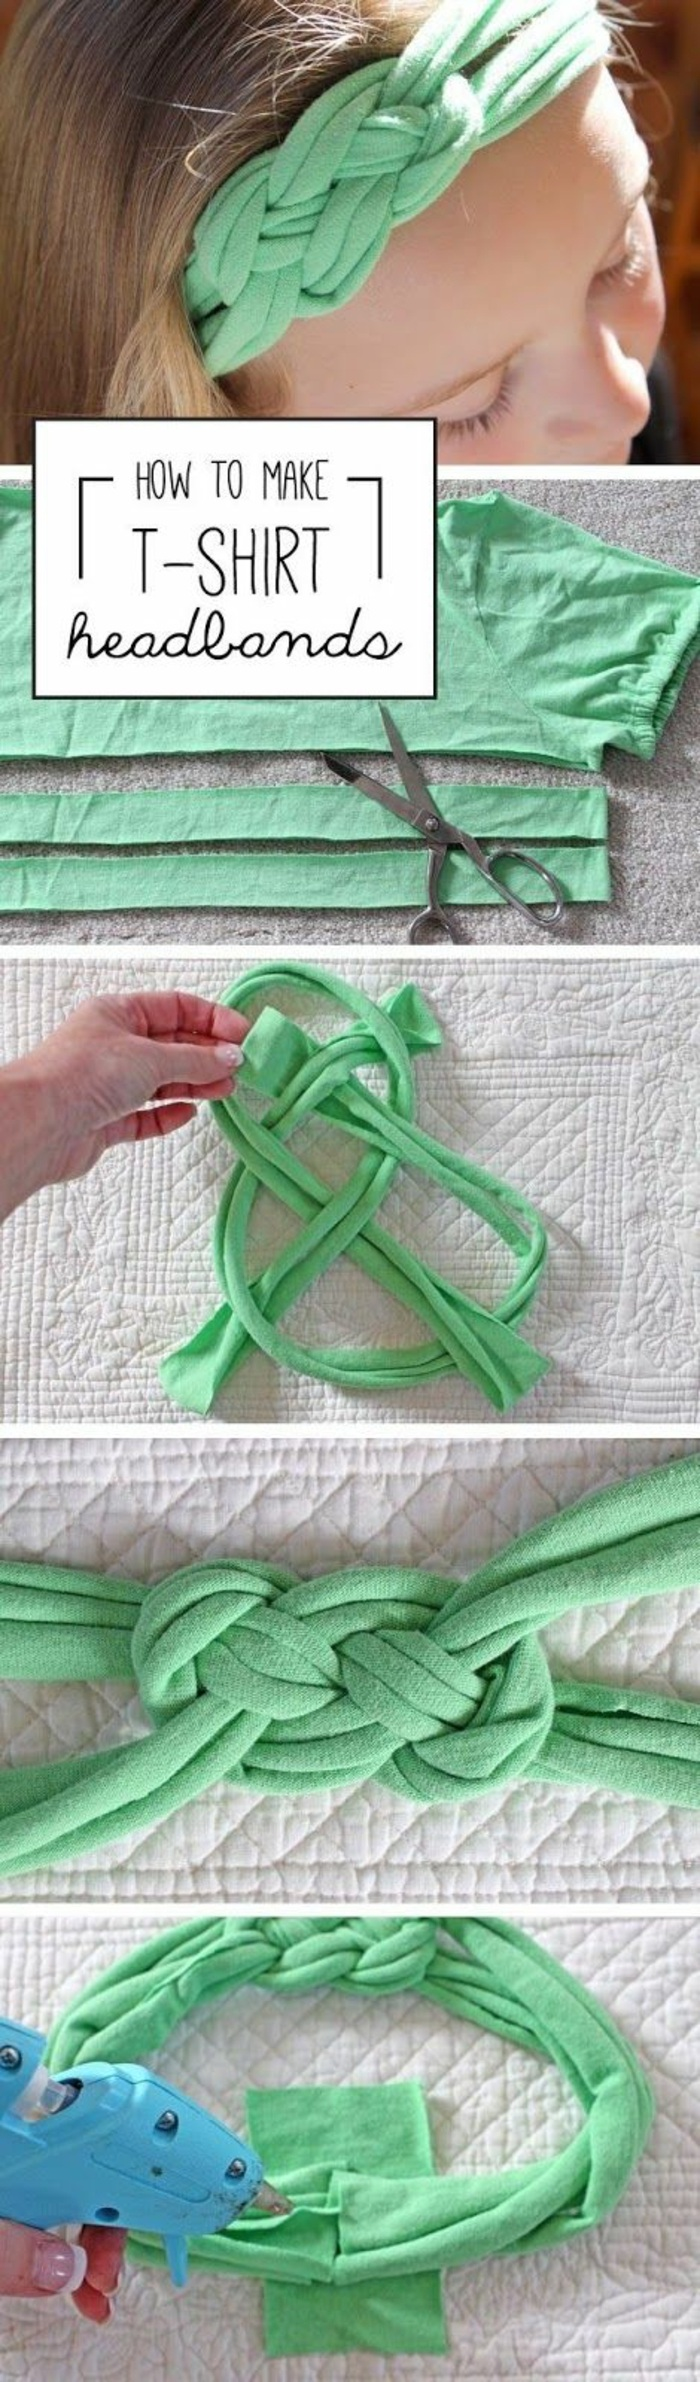 comment faire un accessoire mode soi-même, tutoriel fabrication bandana en morceaux de t-shirt avec noeuds macramé